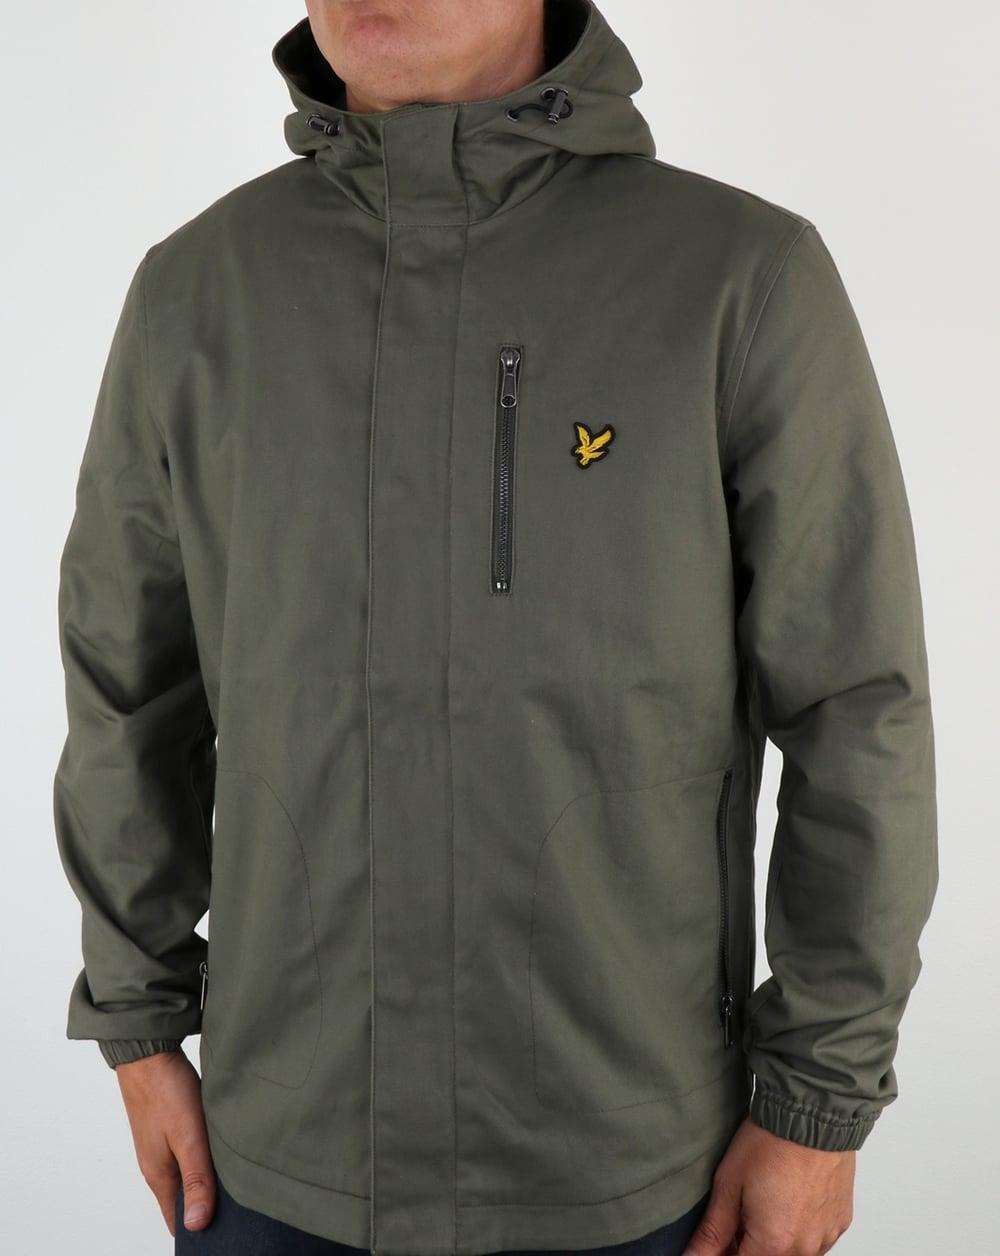 lyle and scott hooded curved hem jacket dusty olive parka coat. Black Bedroom Furniture Sets. Home Design Ideas